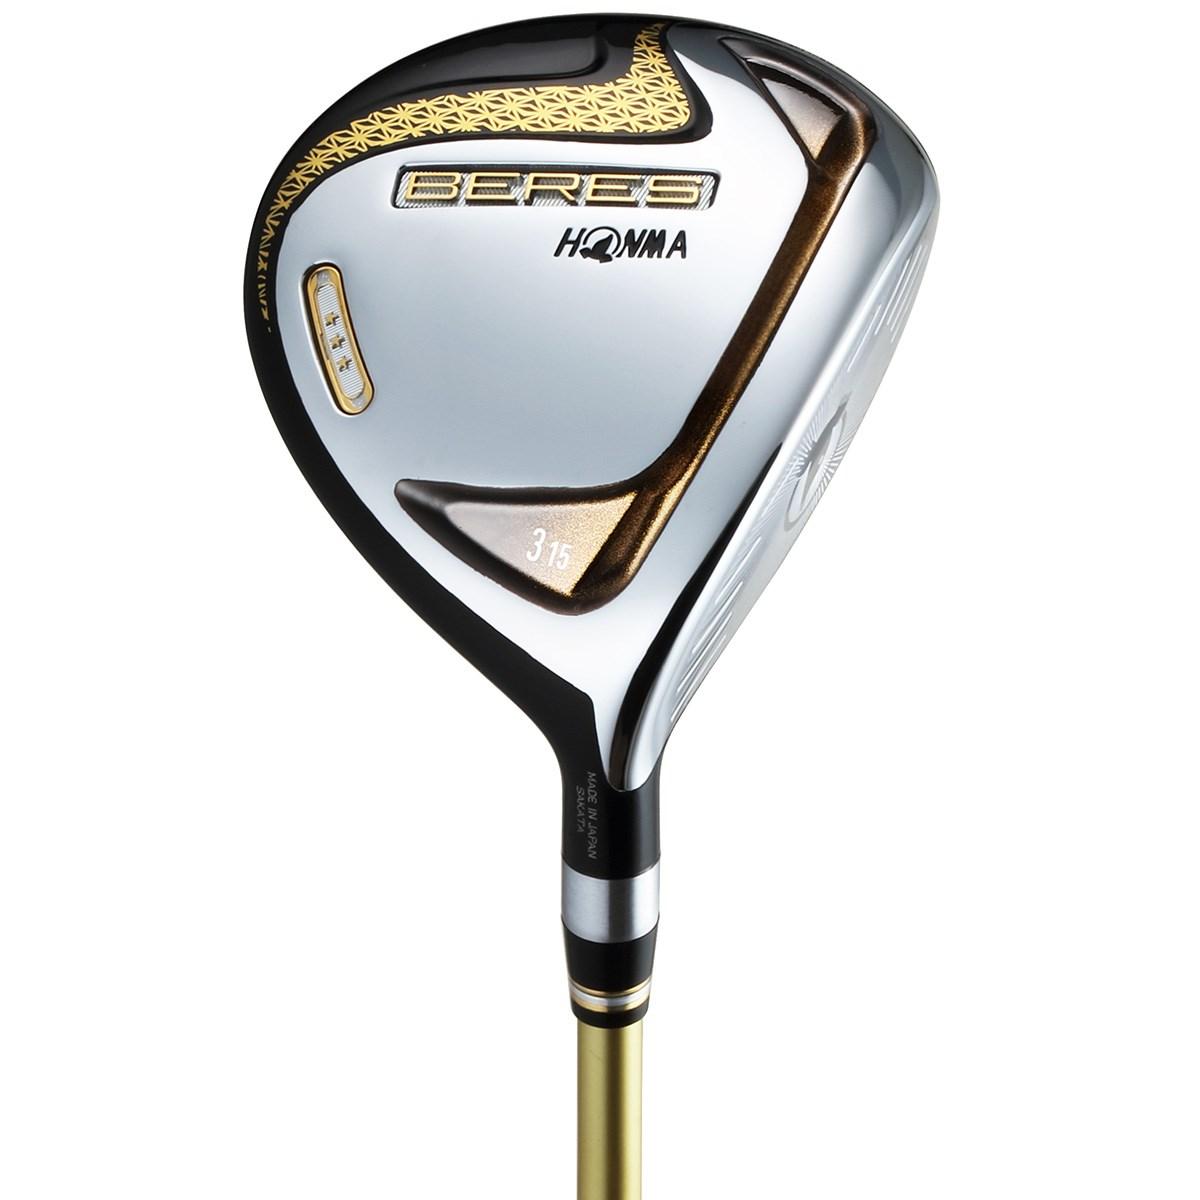 本間ゴルフ(HONMA GOLF) ベレス フェアウェイウッド ARMRQ 42/47 3S